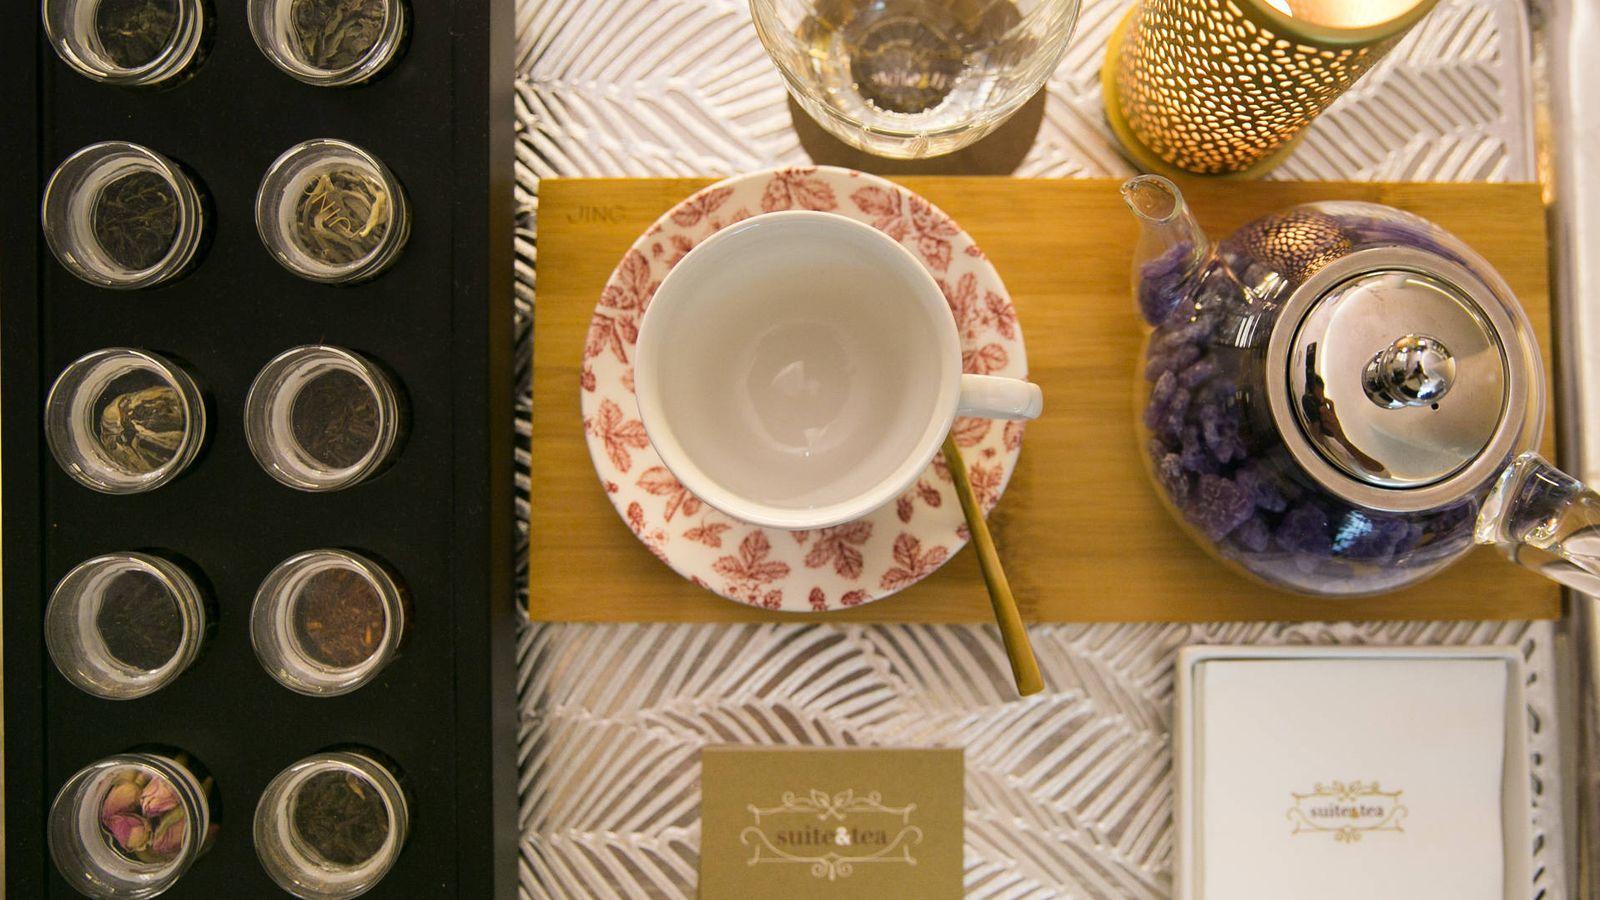 Foto: Té chino, sándwiches british y pastelería francesa en Suite Tea.